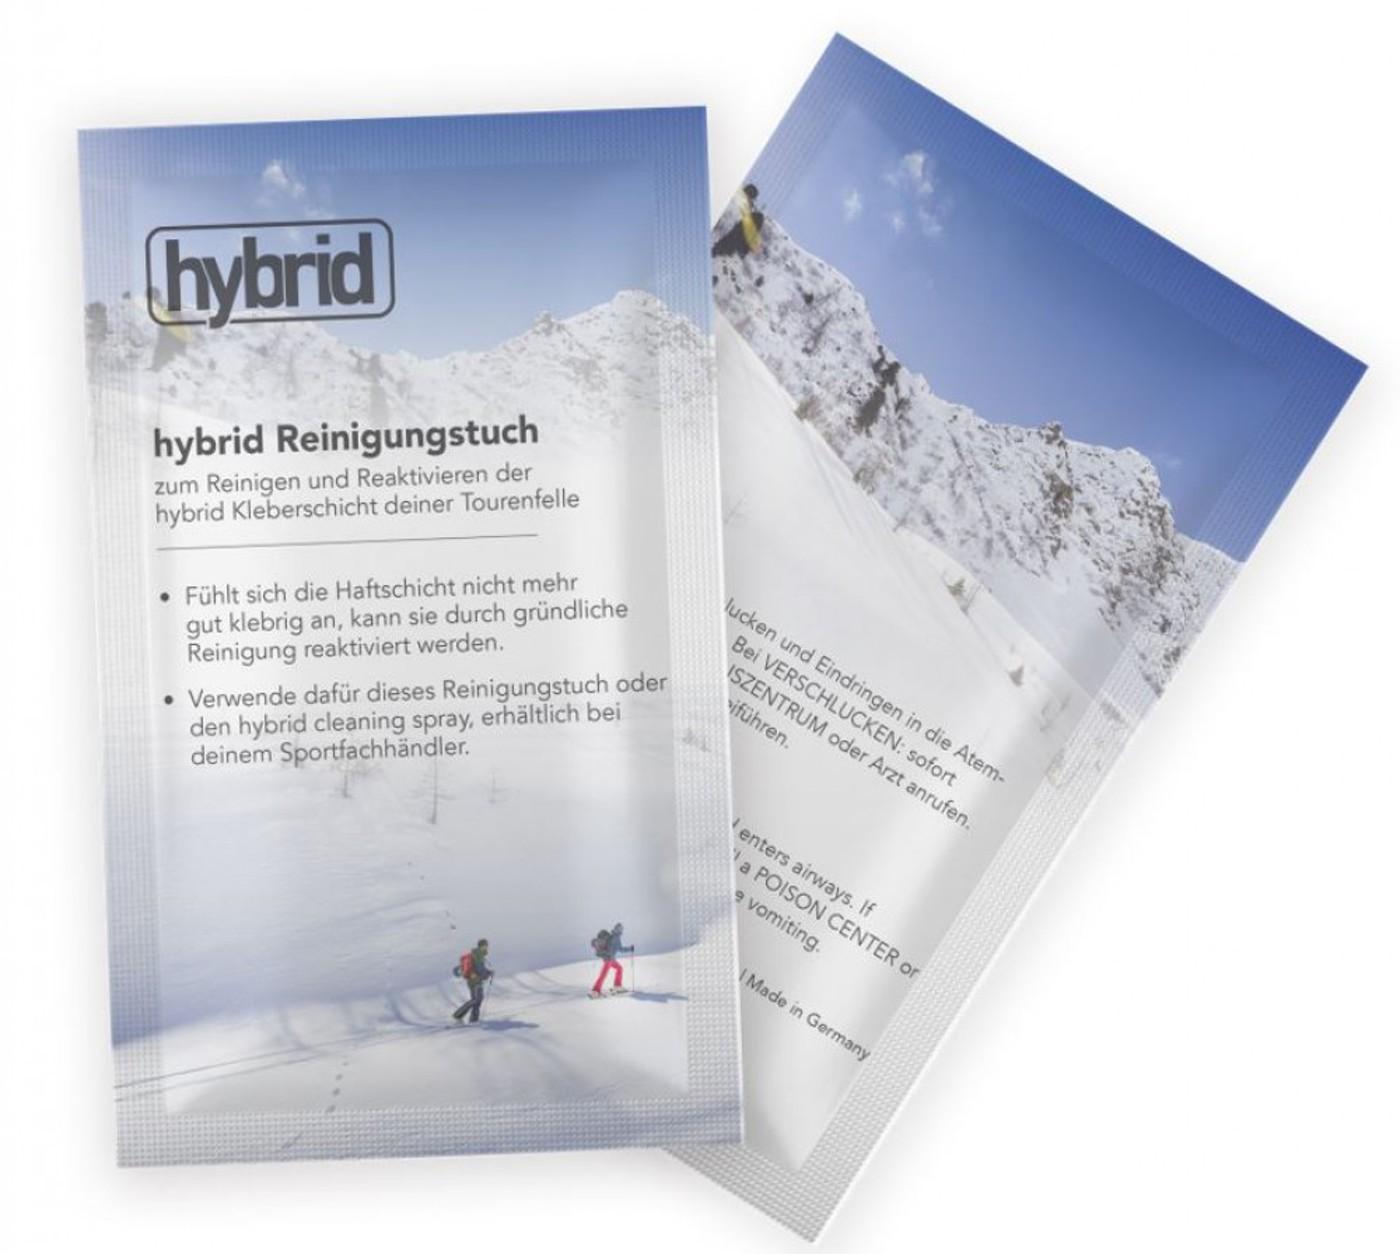 CONTOUR hybrid Reinigungstuch